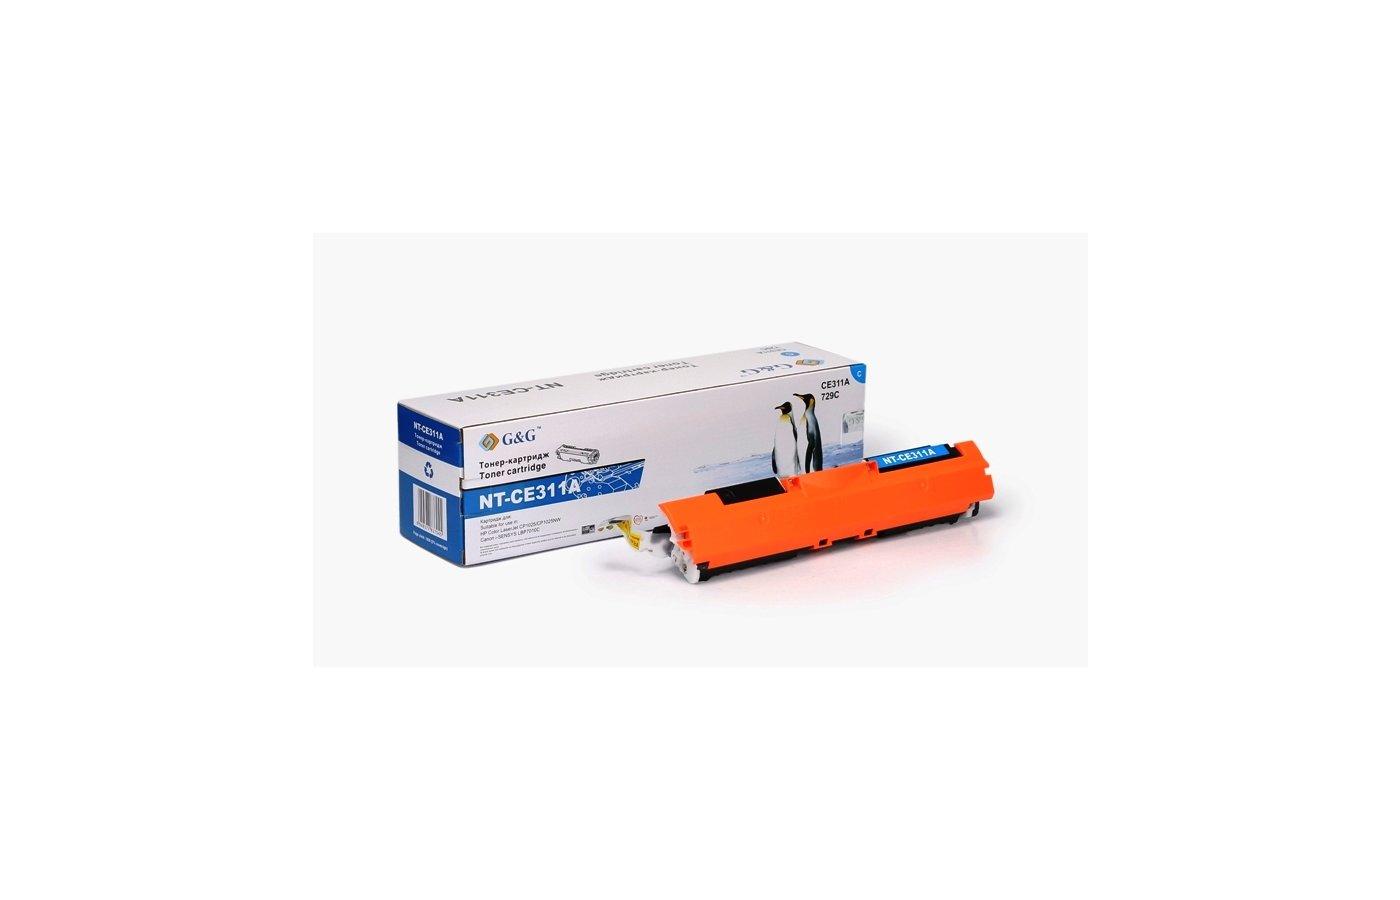 Картридж лазерный GG NT-CE311A Совместимый голубой для HP Color LaserJet CP1025/1025nw, Canon LBP-7010C (1000стр)